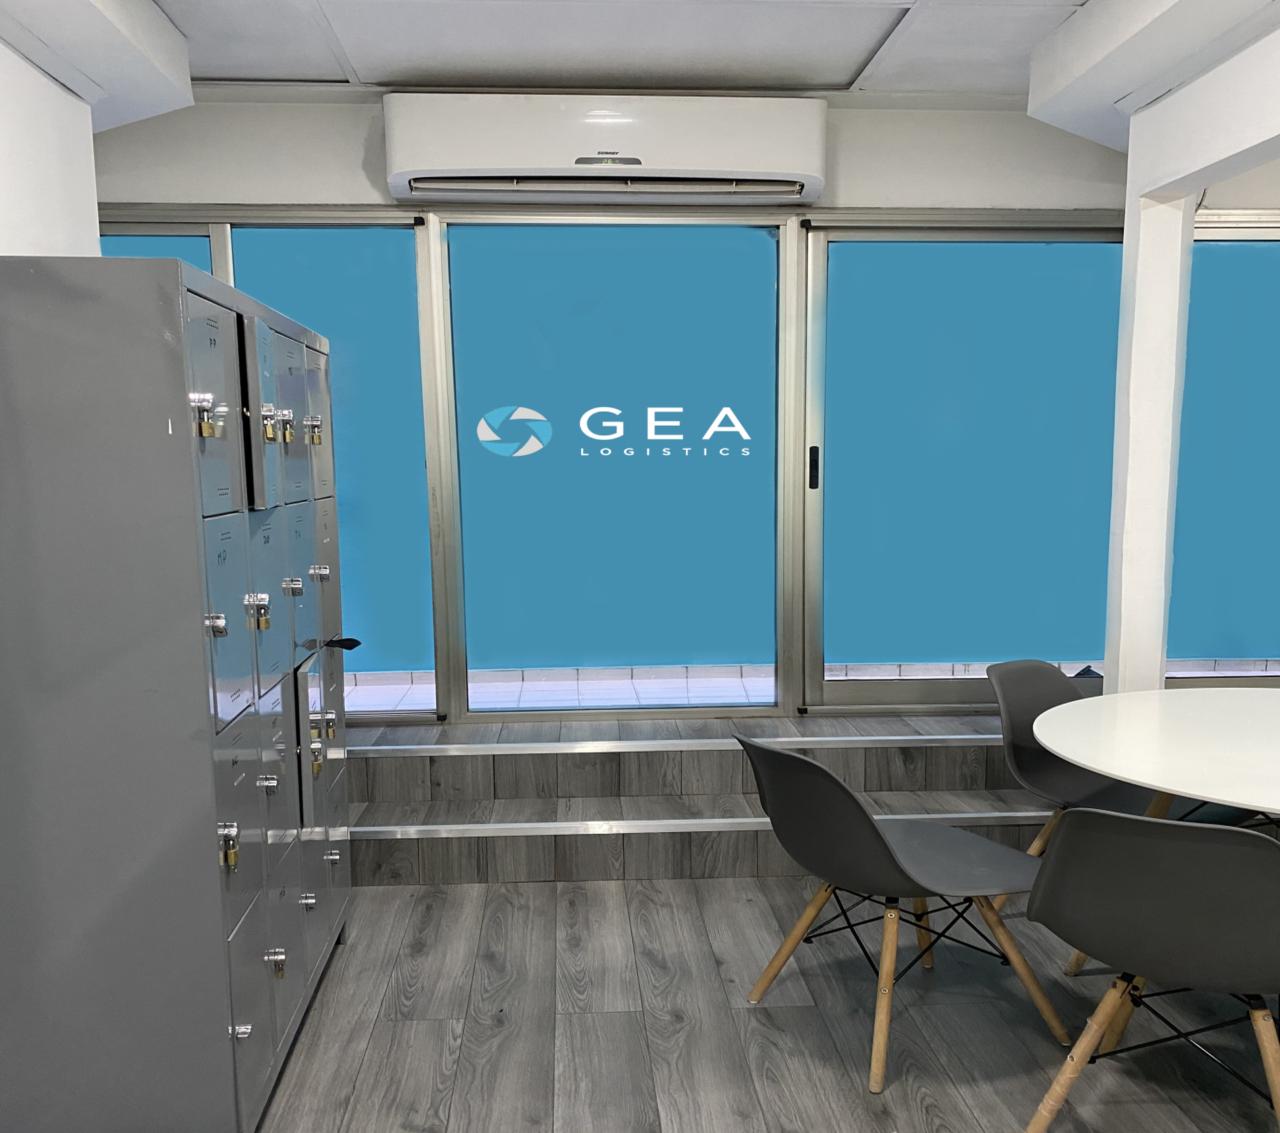 GEA3-1280x1133.png